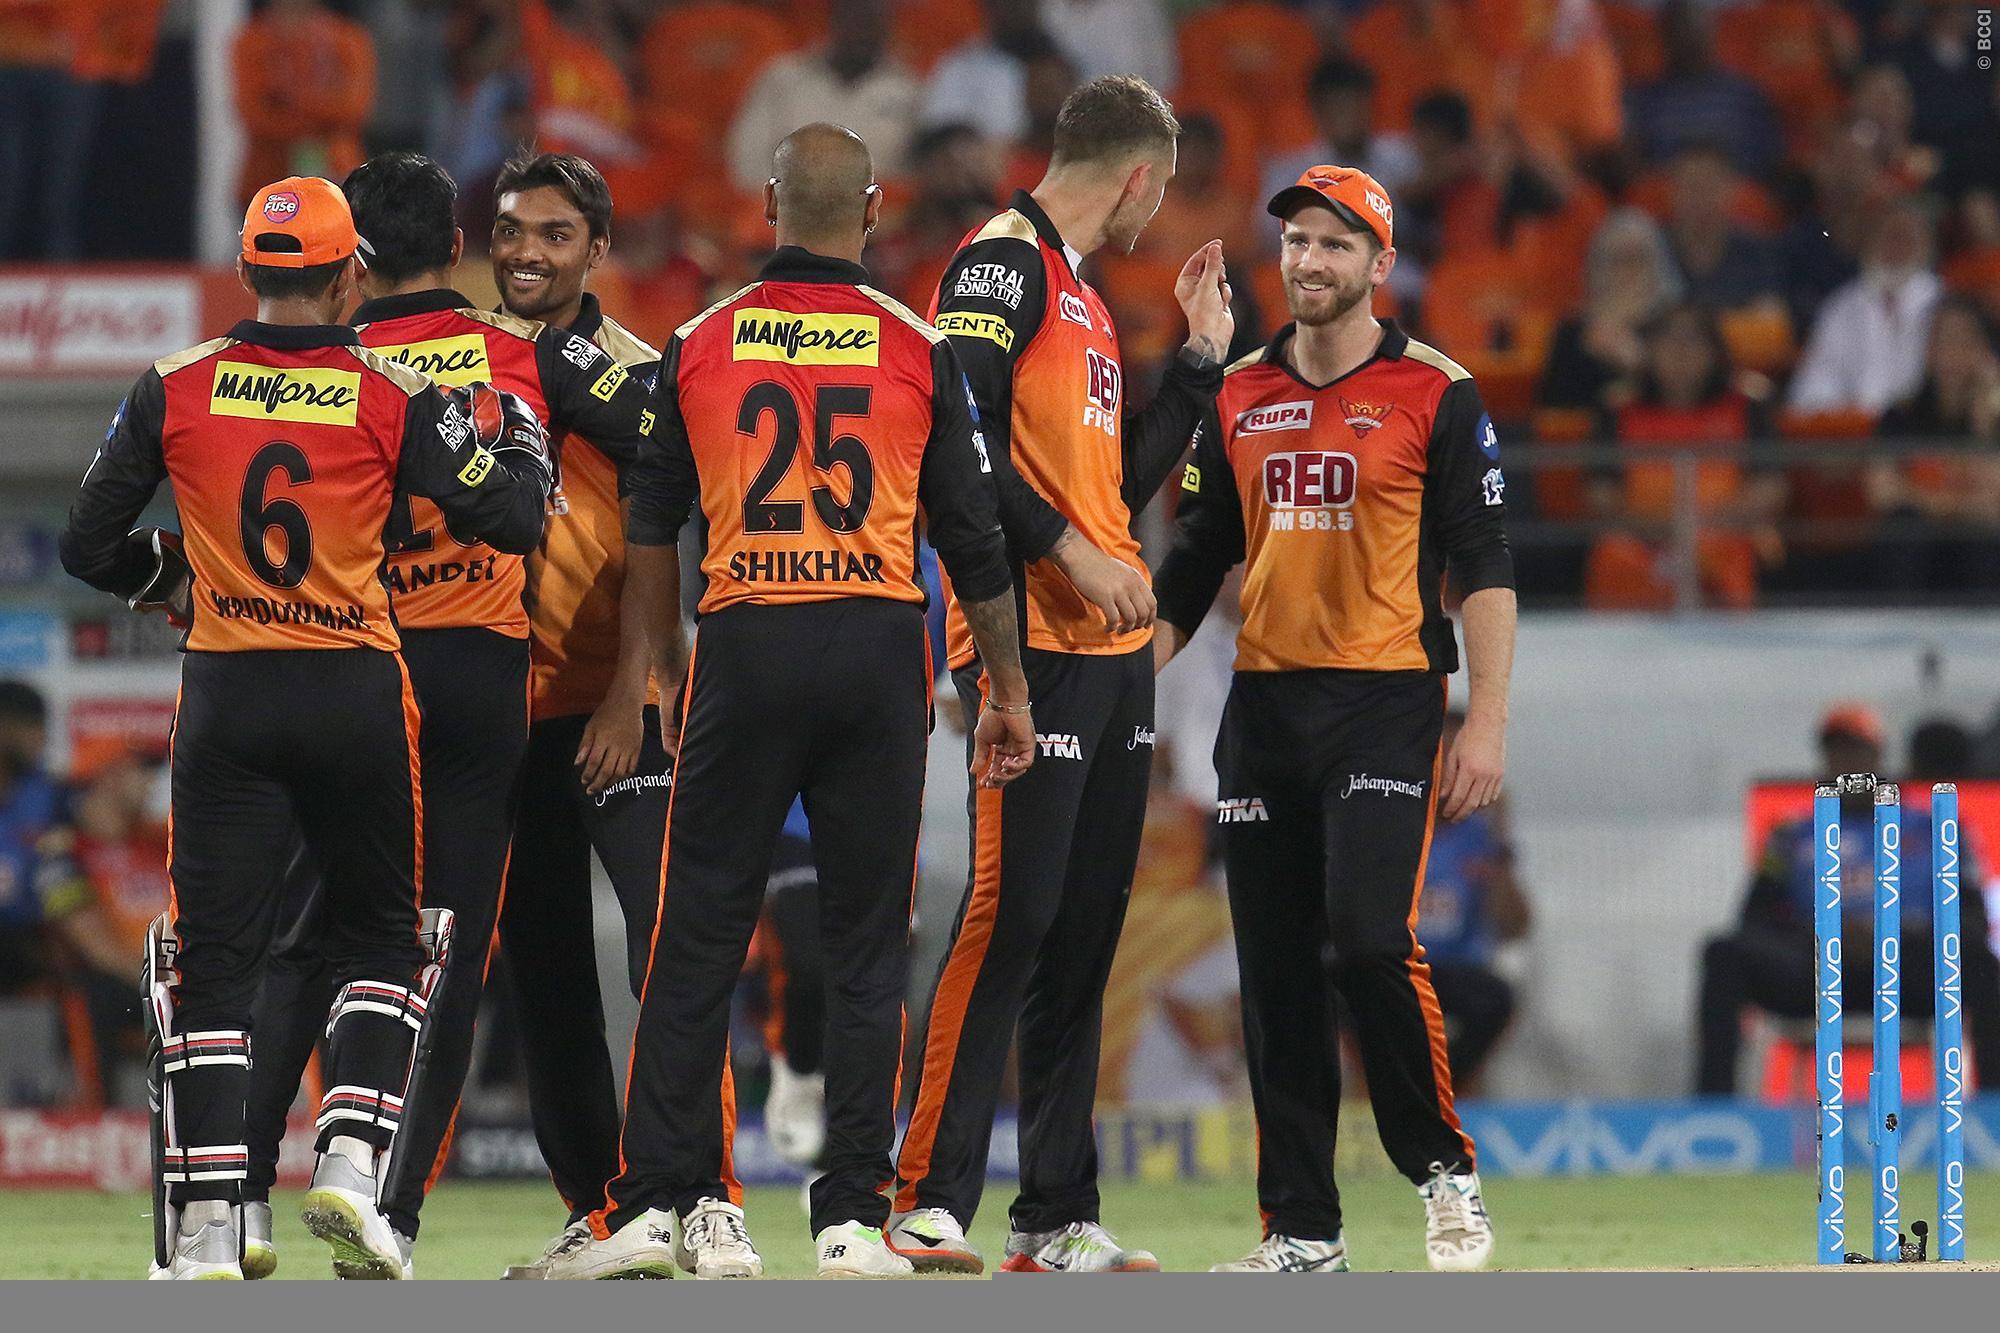 पॉइंट्स टेबल : सनराइजर्स और चेन्नई की जीत के बाद पॉइंट्स टेबल पर हुआ बड़ा उलटफेर, ये 4 टीम कर रहे प्लेऑफ के लिए क्वालीफाई 40